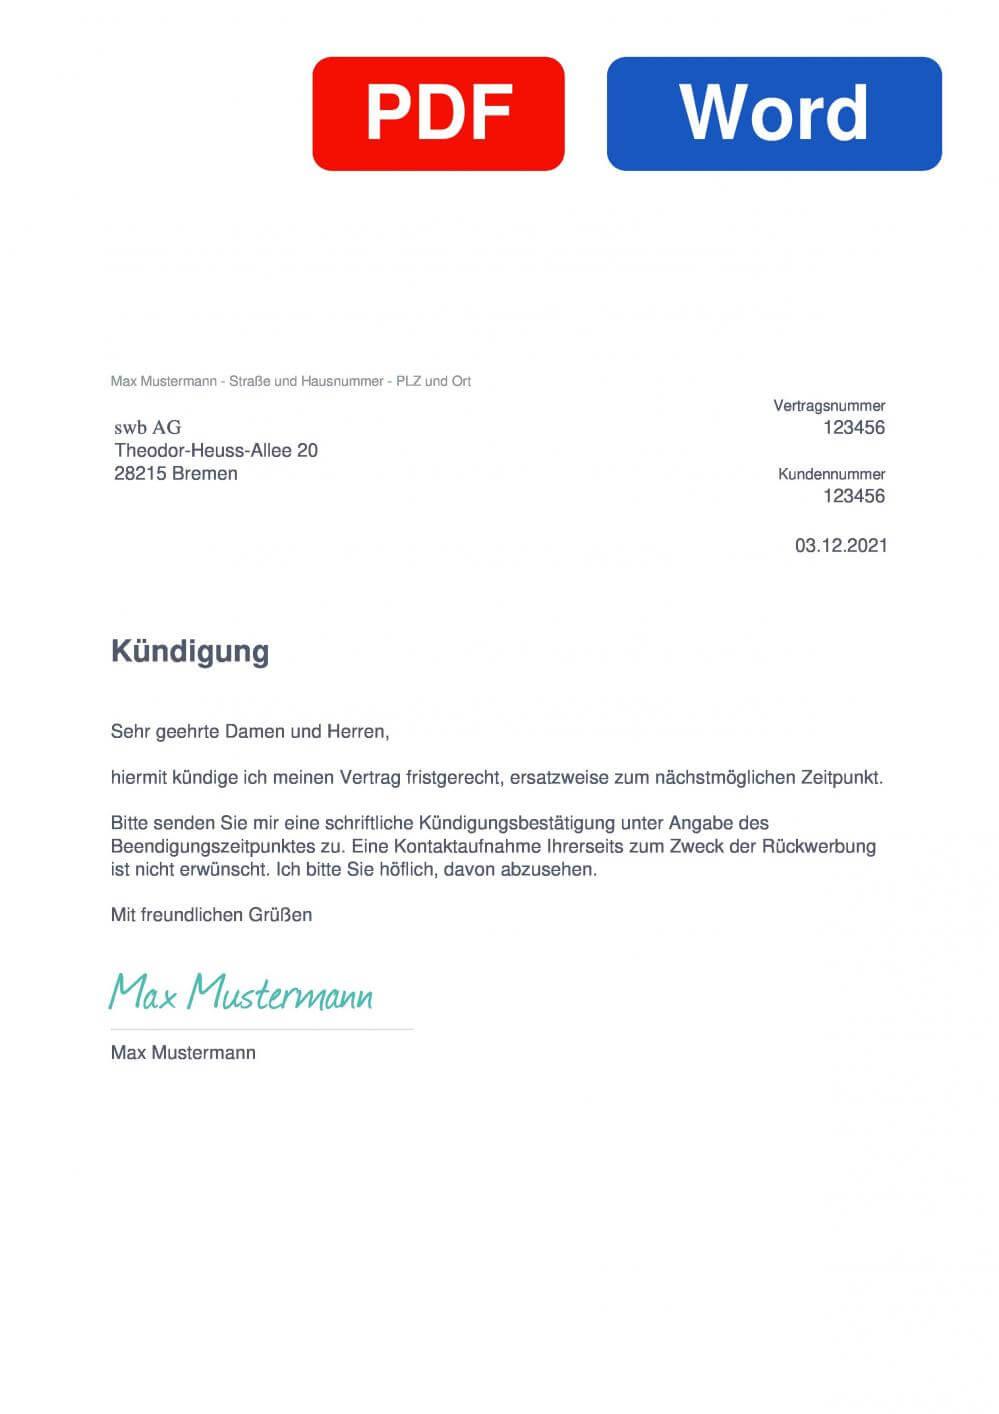 nordcom Muster Vorlage für Kündigungsschreiben